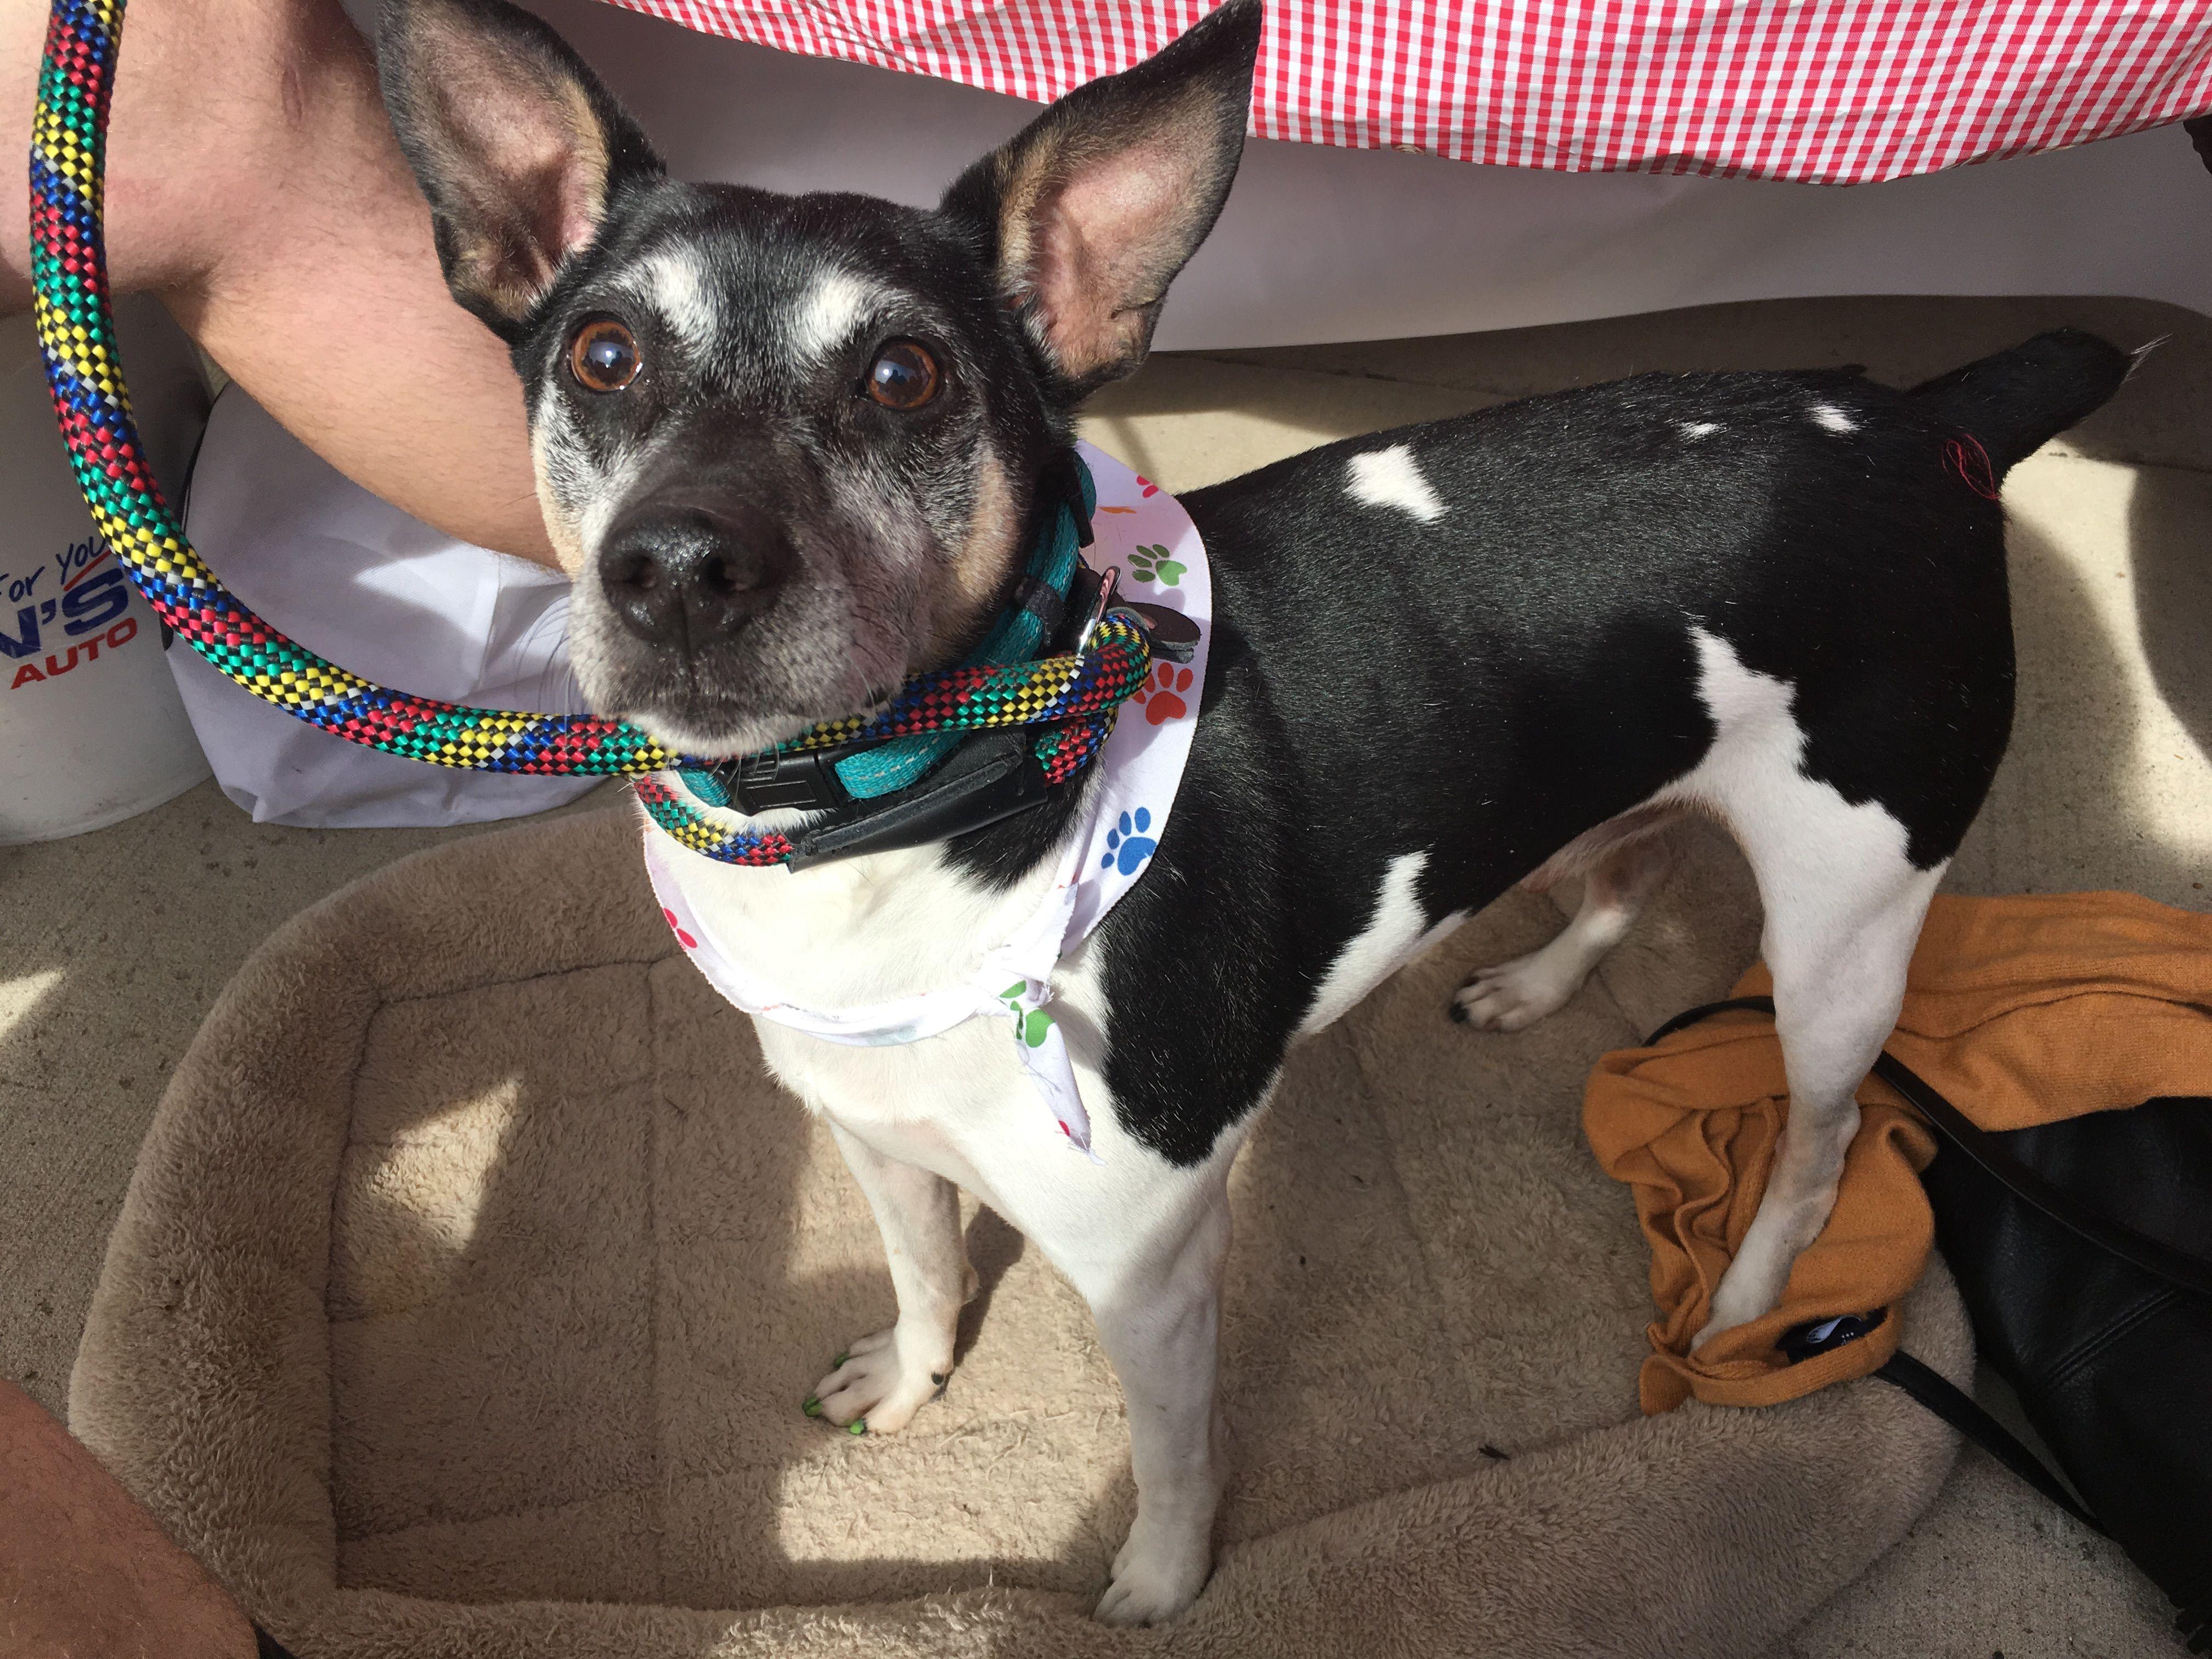 Rat Terrier Dog For Adoption In Cedar Rapids Ia Adn 521148 On Puppyfinder Com Gender Male Age Adult Rat Terrier Dogs Rat Terriers Dogs